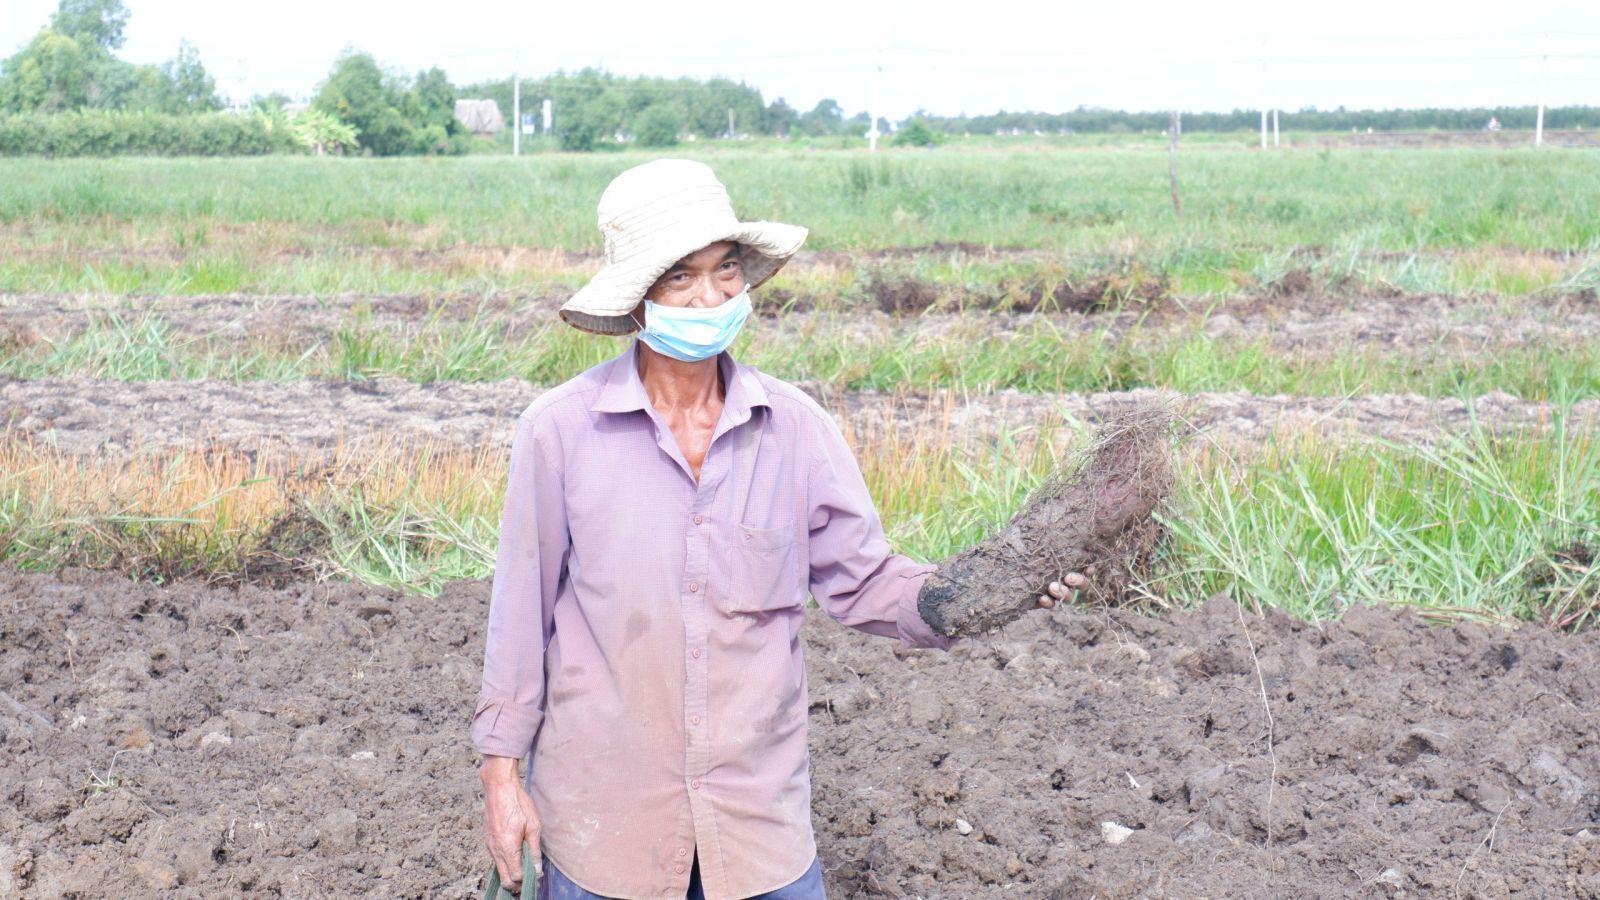 Long An: Vùng đất dân trồng thứ cây dây leo lung tung, cuốc lên toàn củ to bự, giữa mùa dịch lại bán trúng giá - Ảnh 1.